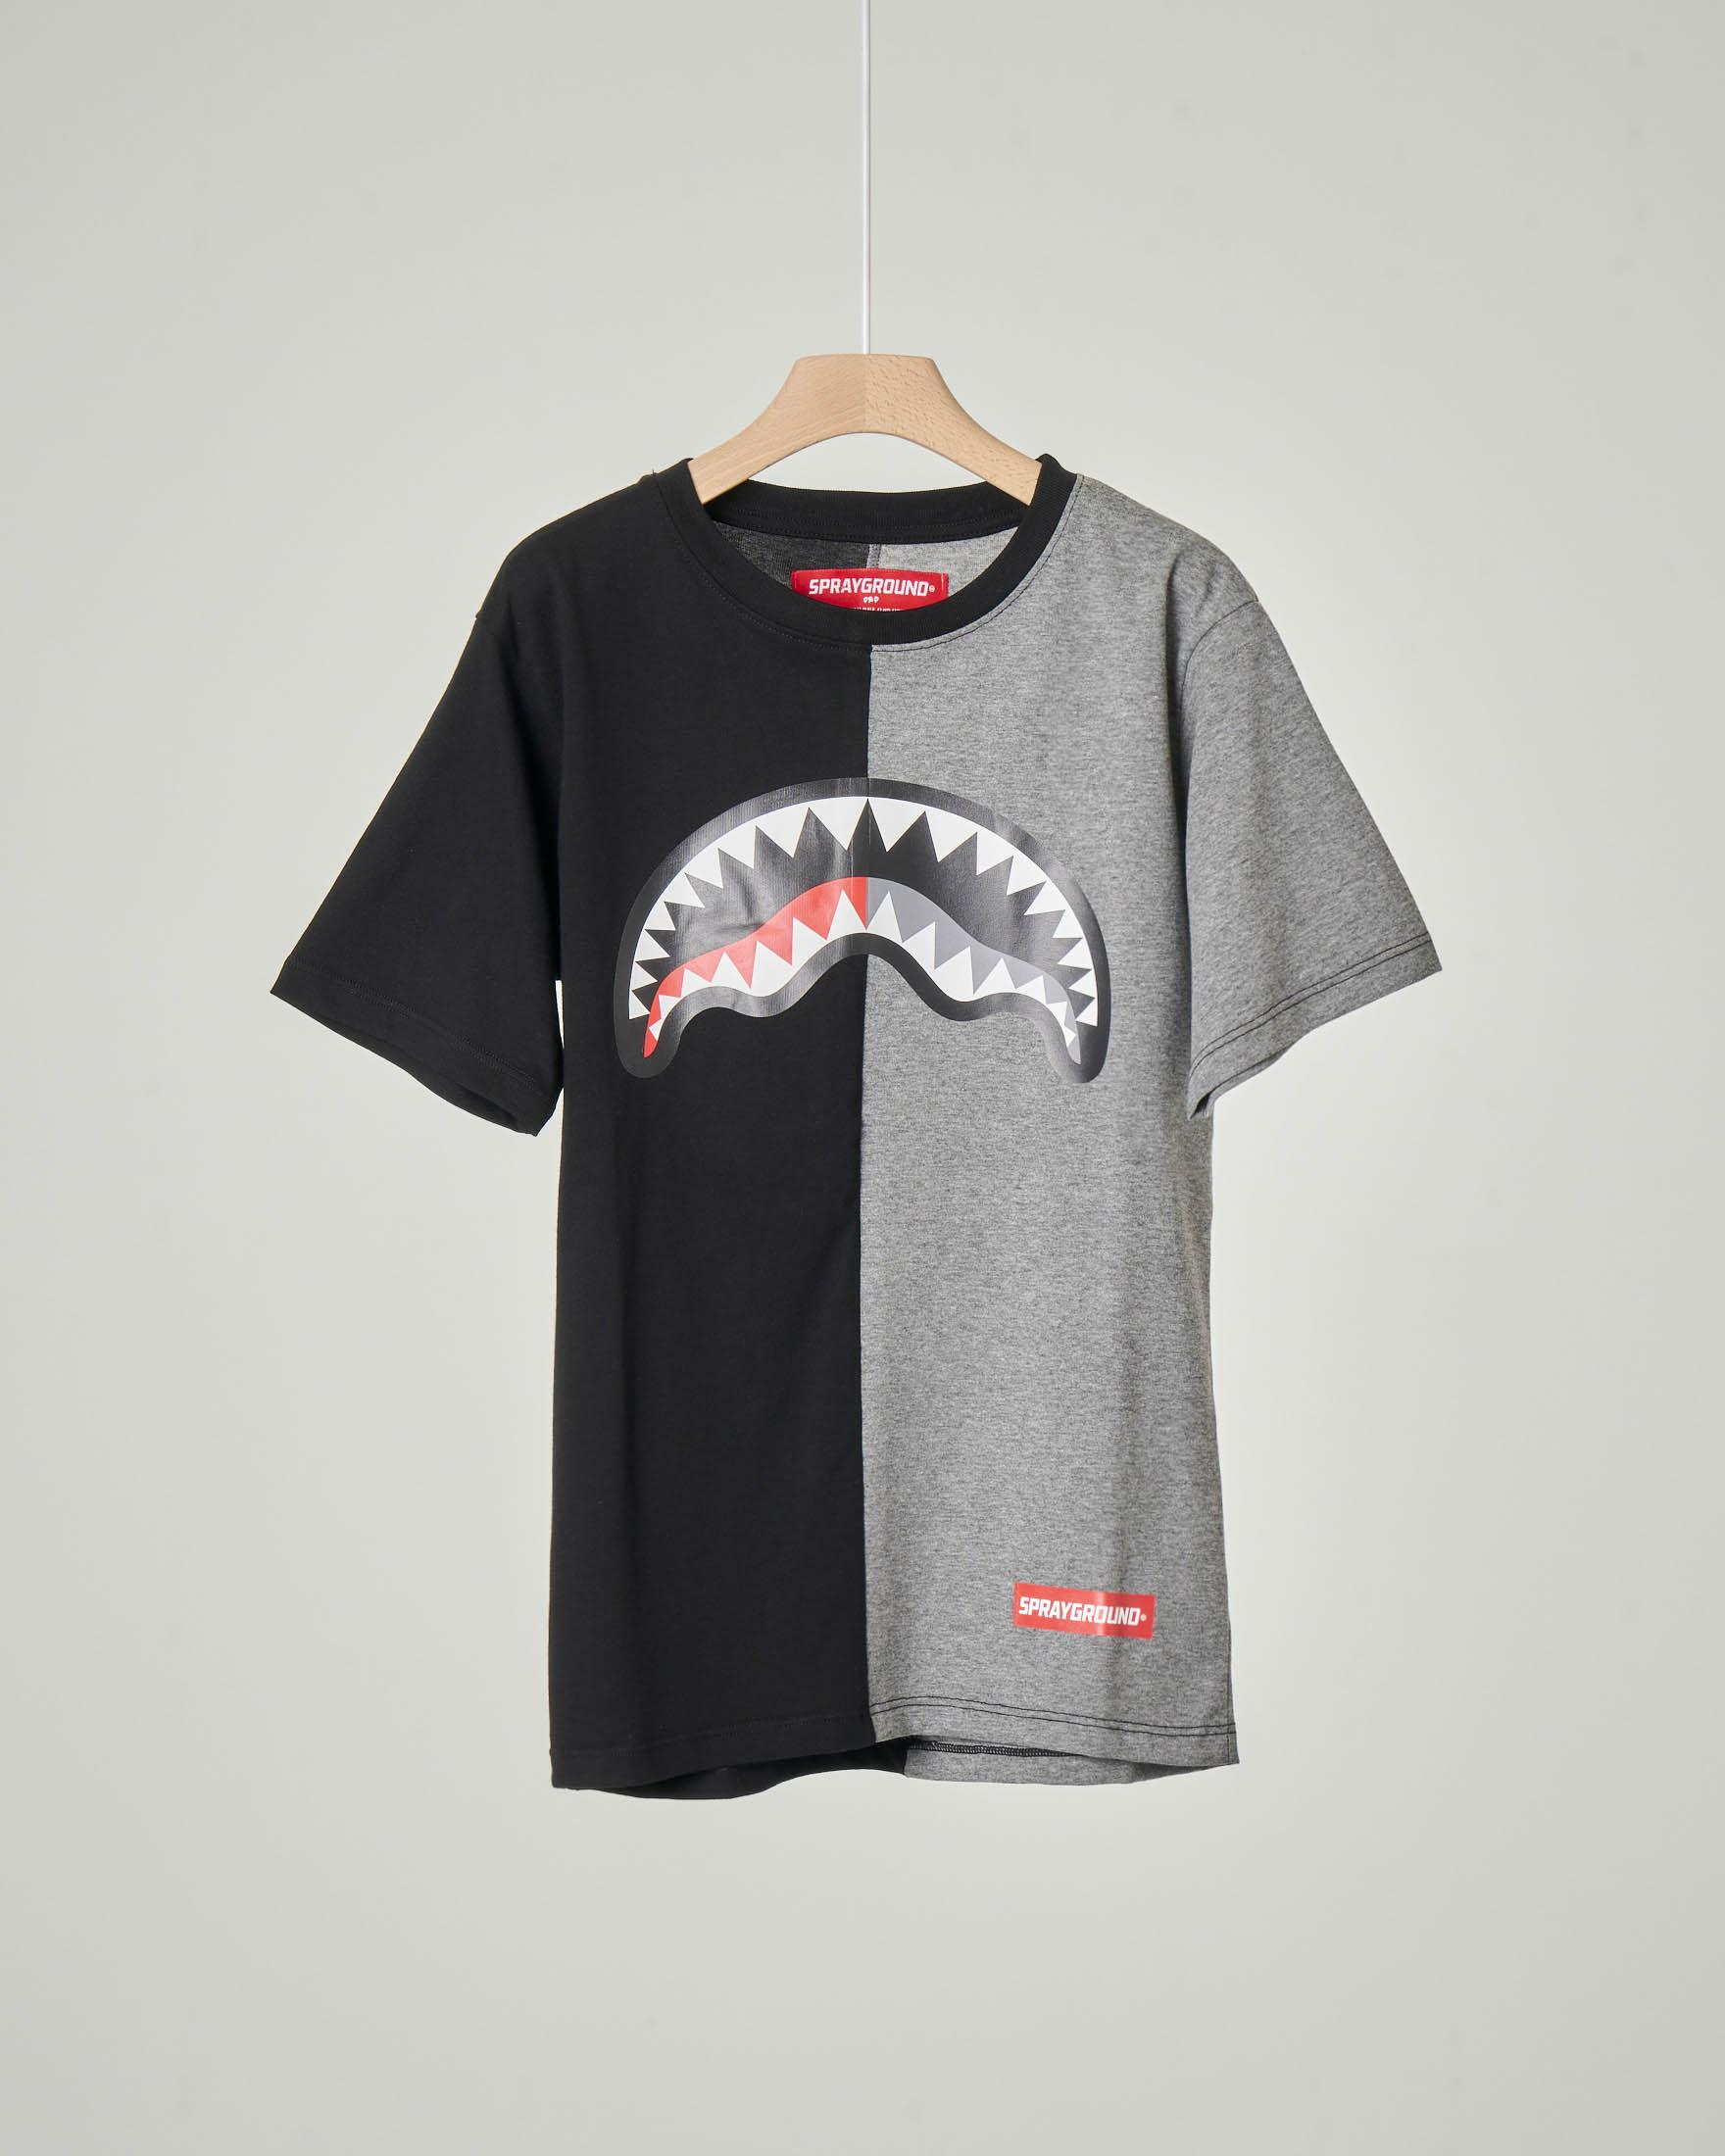 T-shirt grigia e nera con grafica bocca monster e logo 10-14 anni